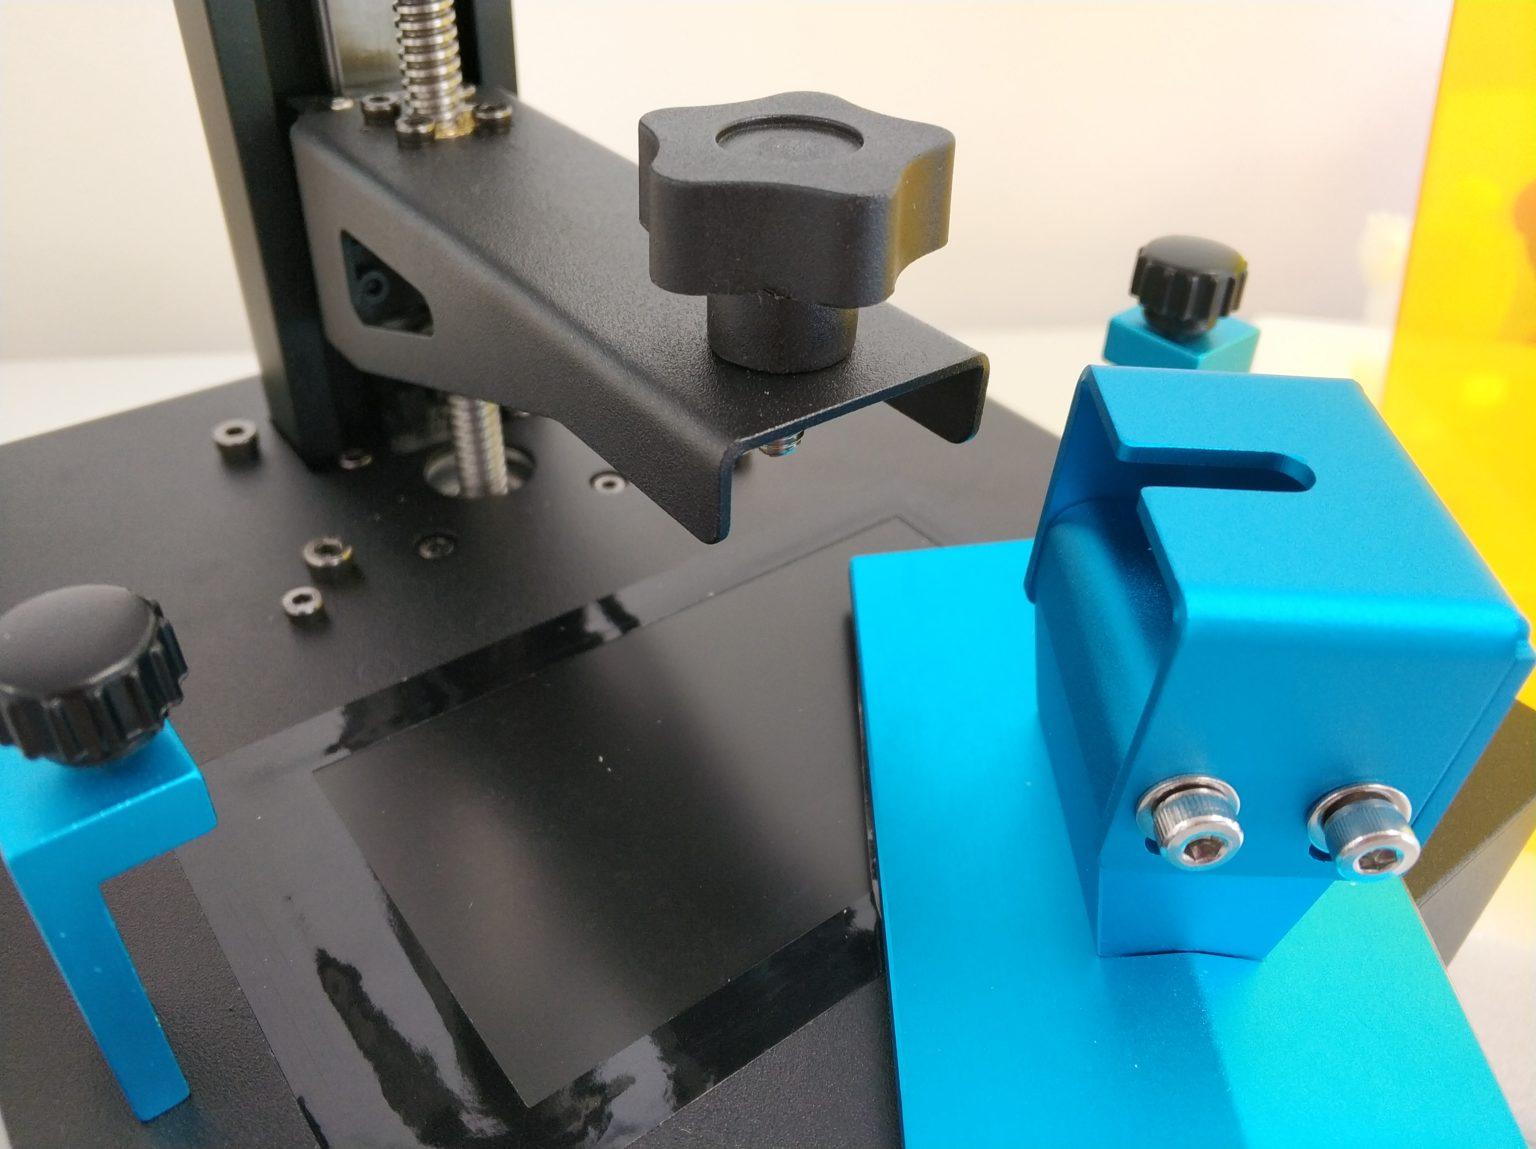 Suspensión de la plataforma de impresión de la Anycubic Photon Zero